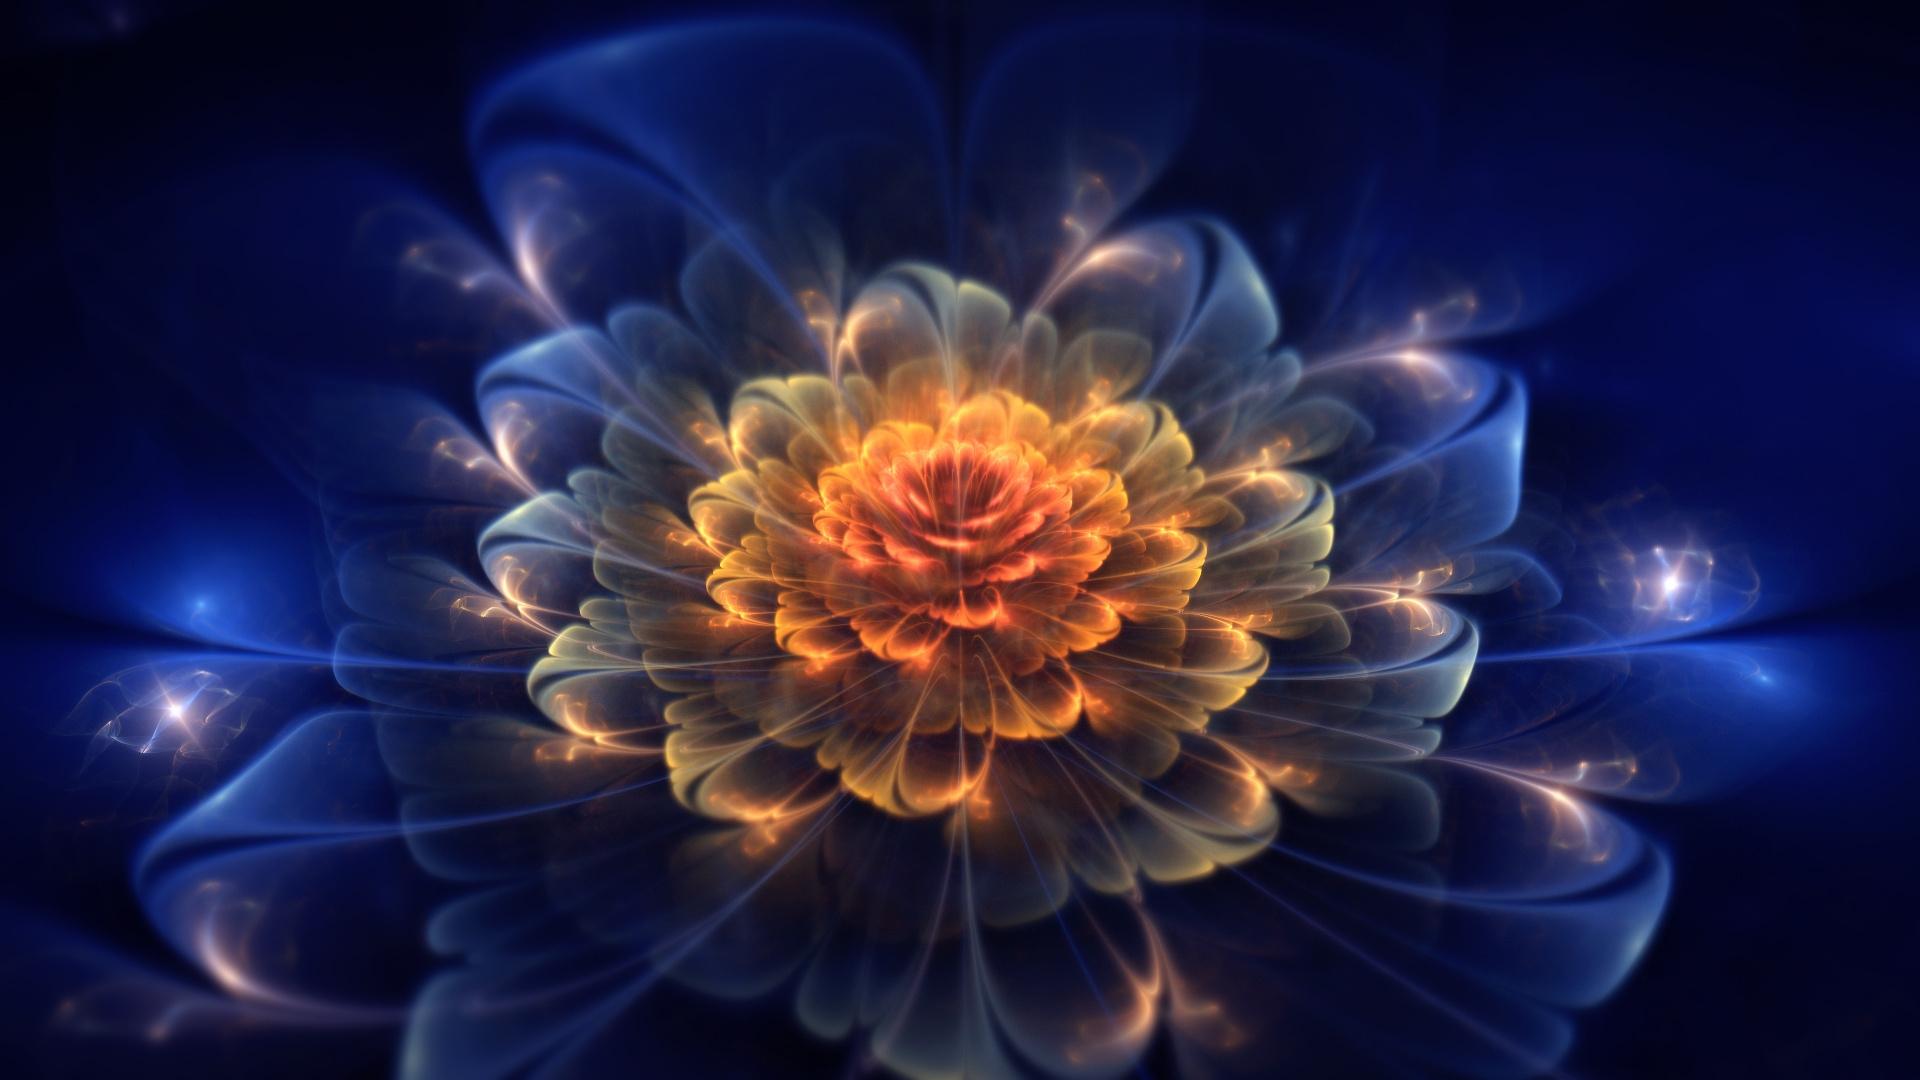 Wallpaper Fractal Flower Light Dark 1920x1080 4kwallpaper